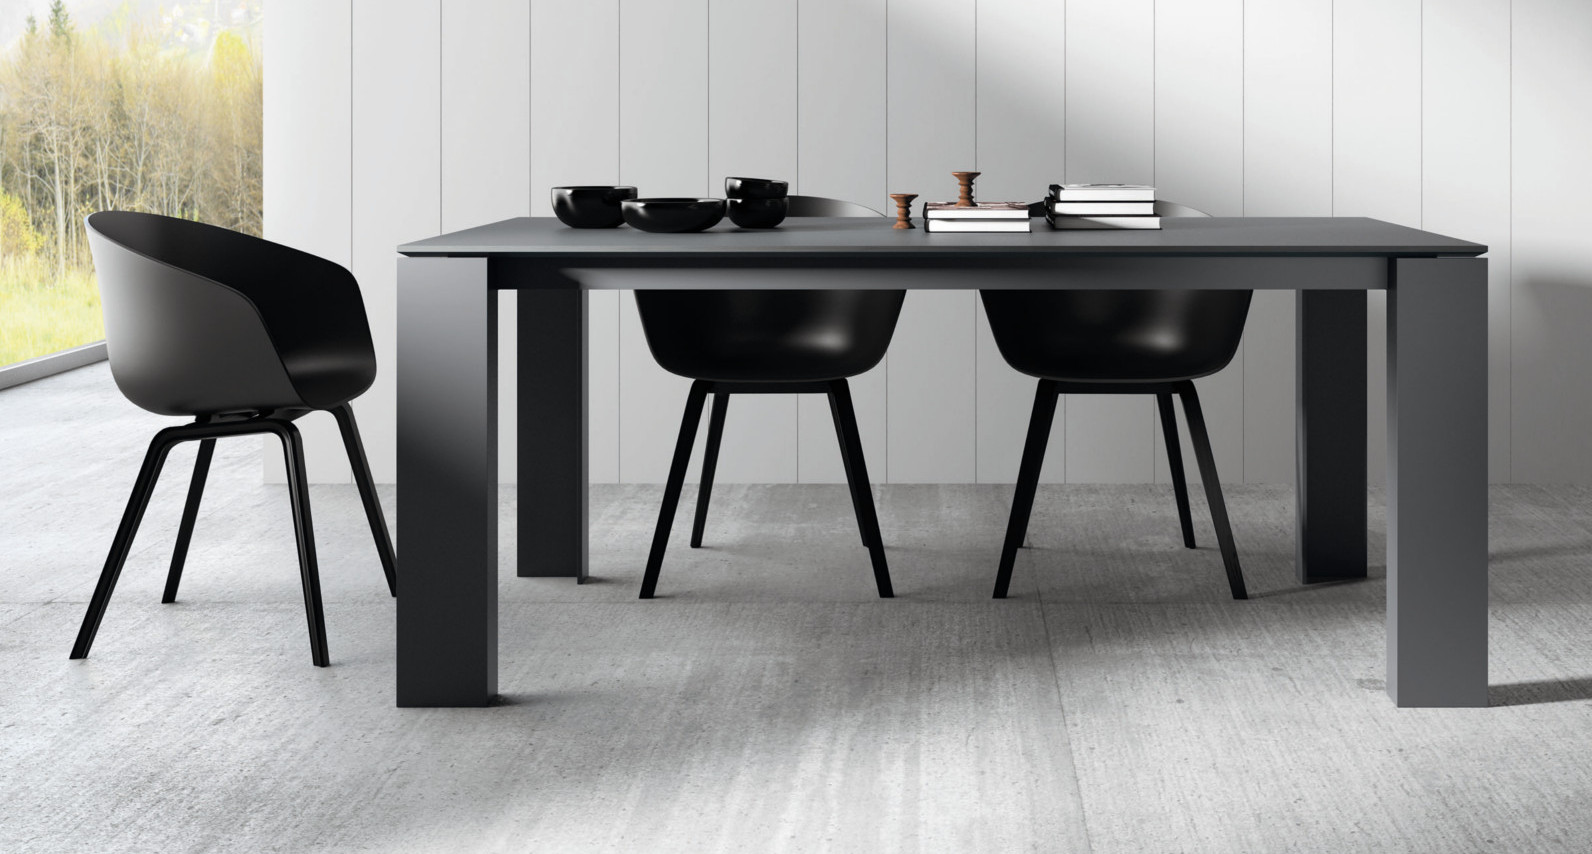 Colección de mesas Tavole de Vive de estilo nórdico | EspacioBetty ...